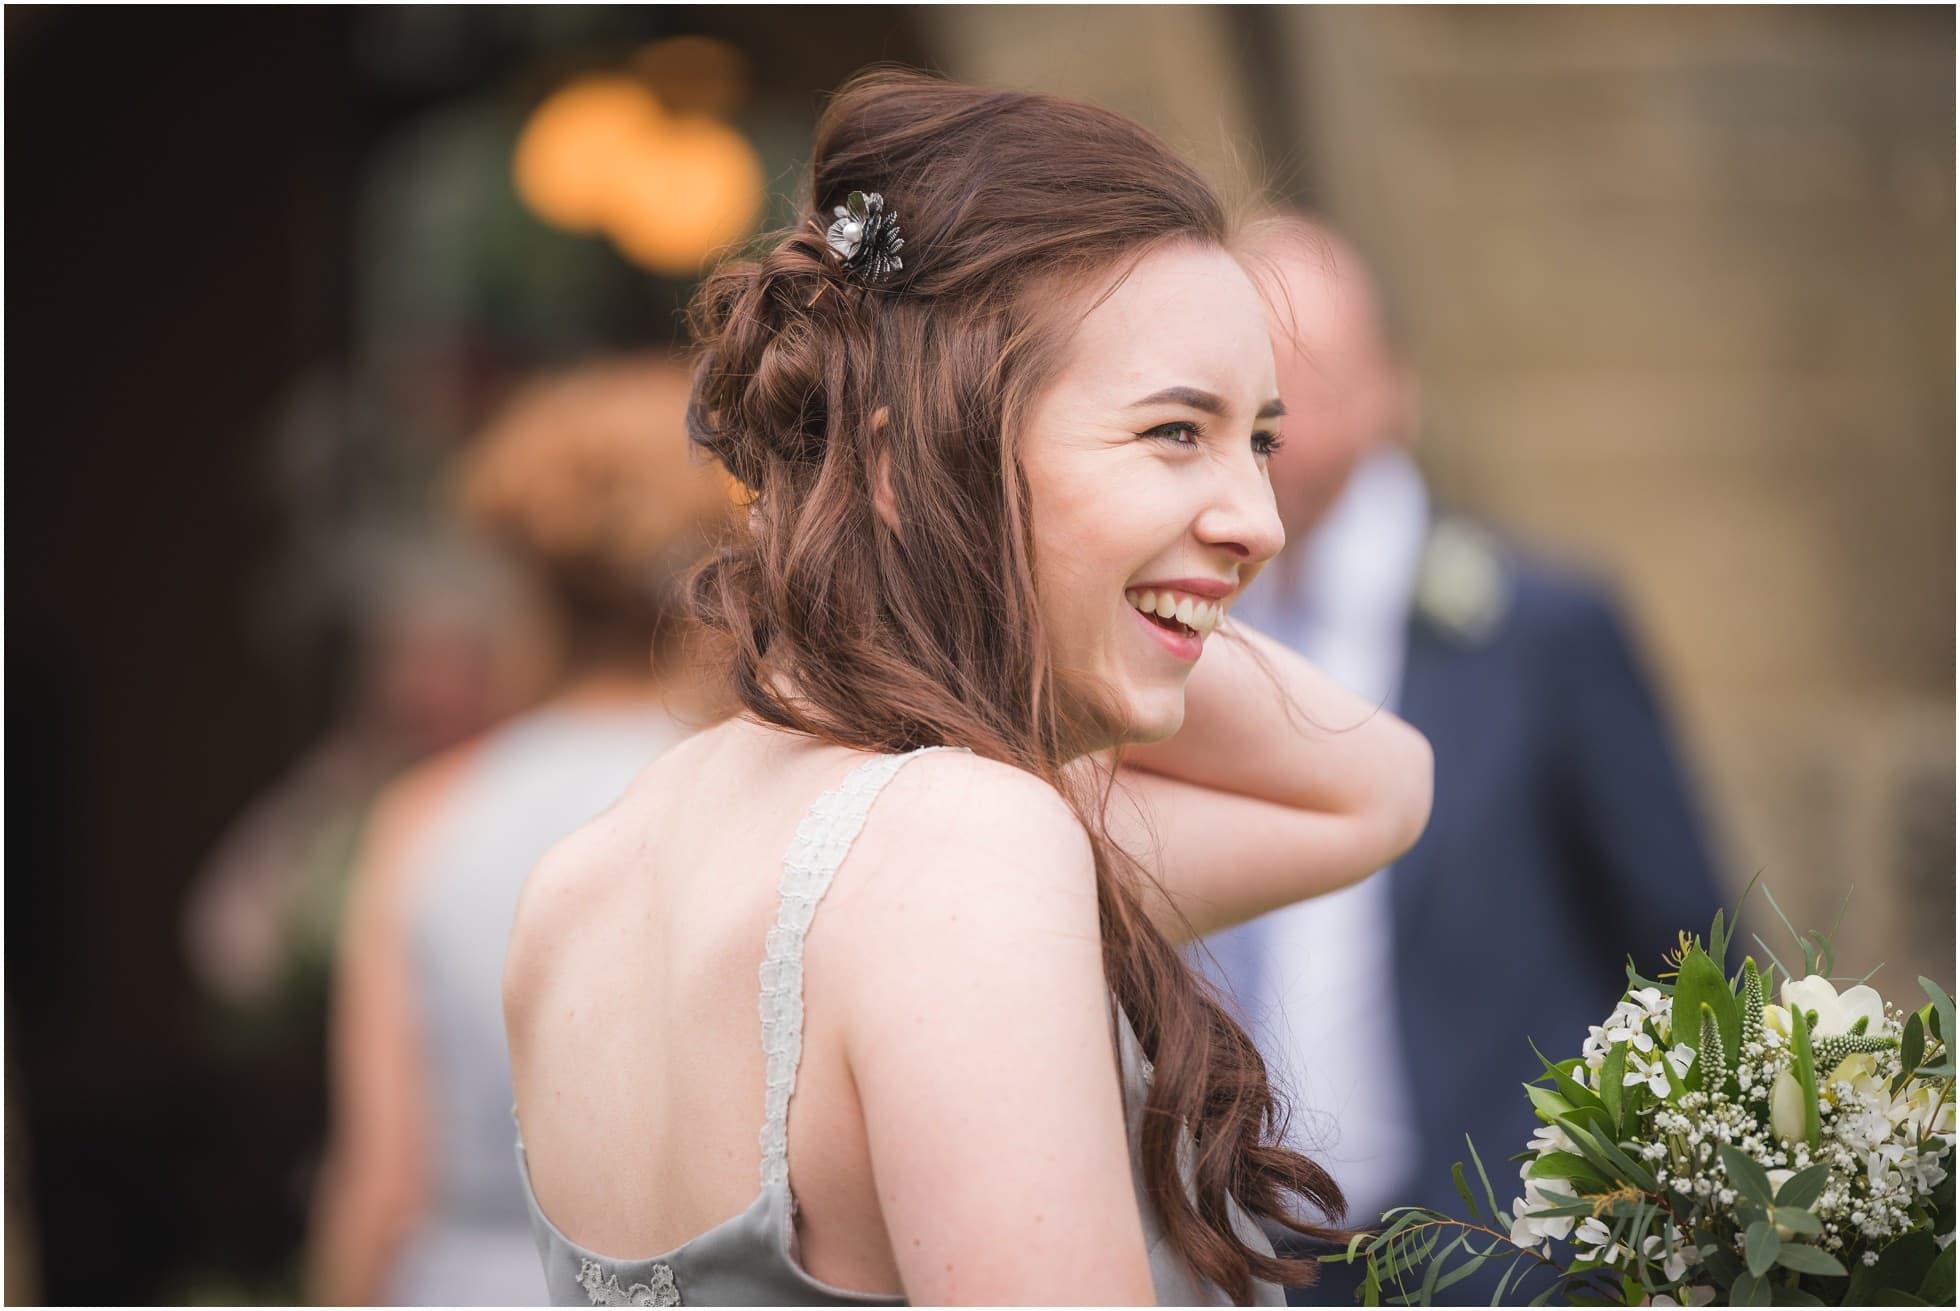 A laughing bridesmaid